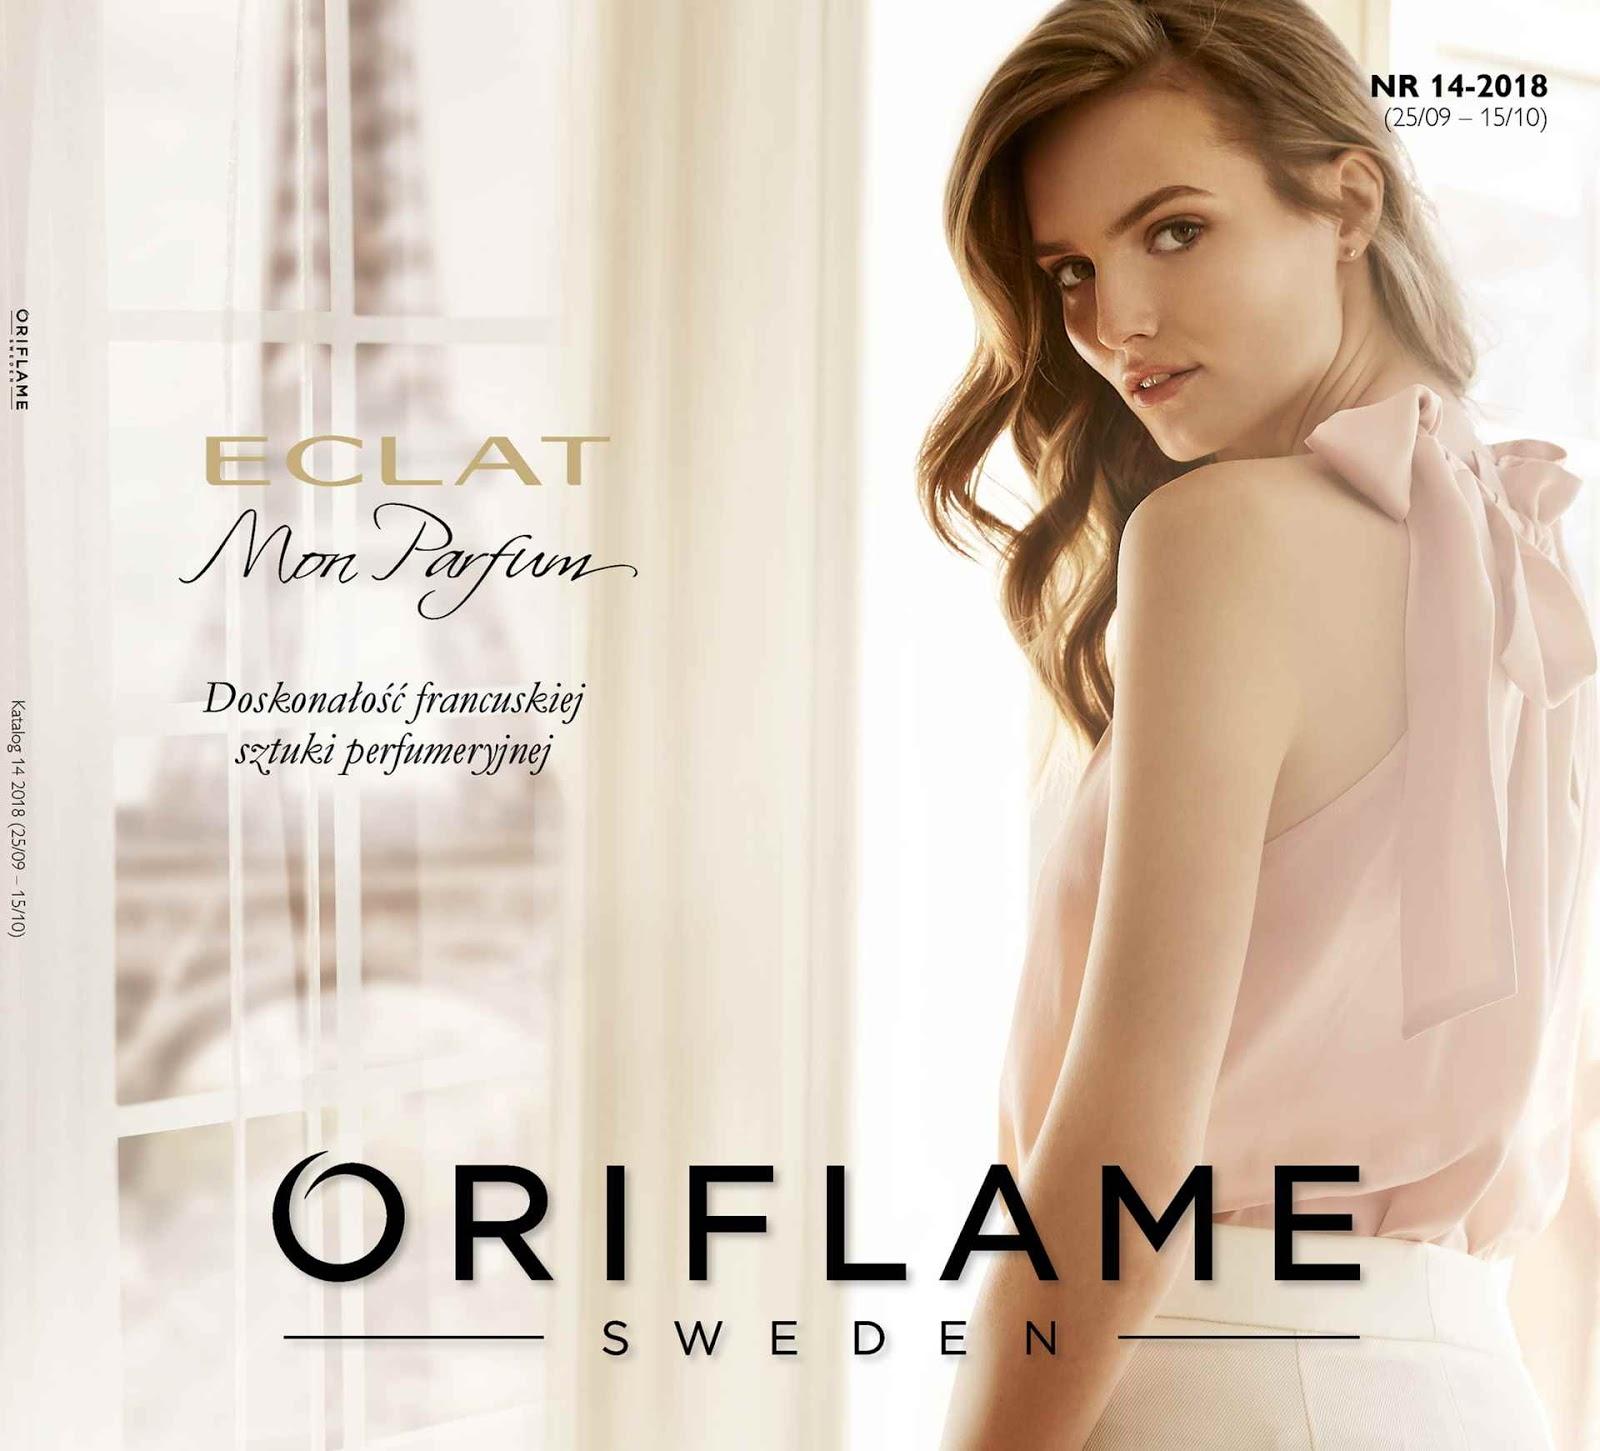 ORIFLAME Katalog 14 - Przegląd najciekawszych ofert